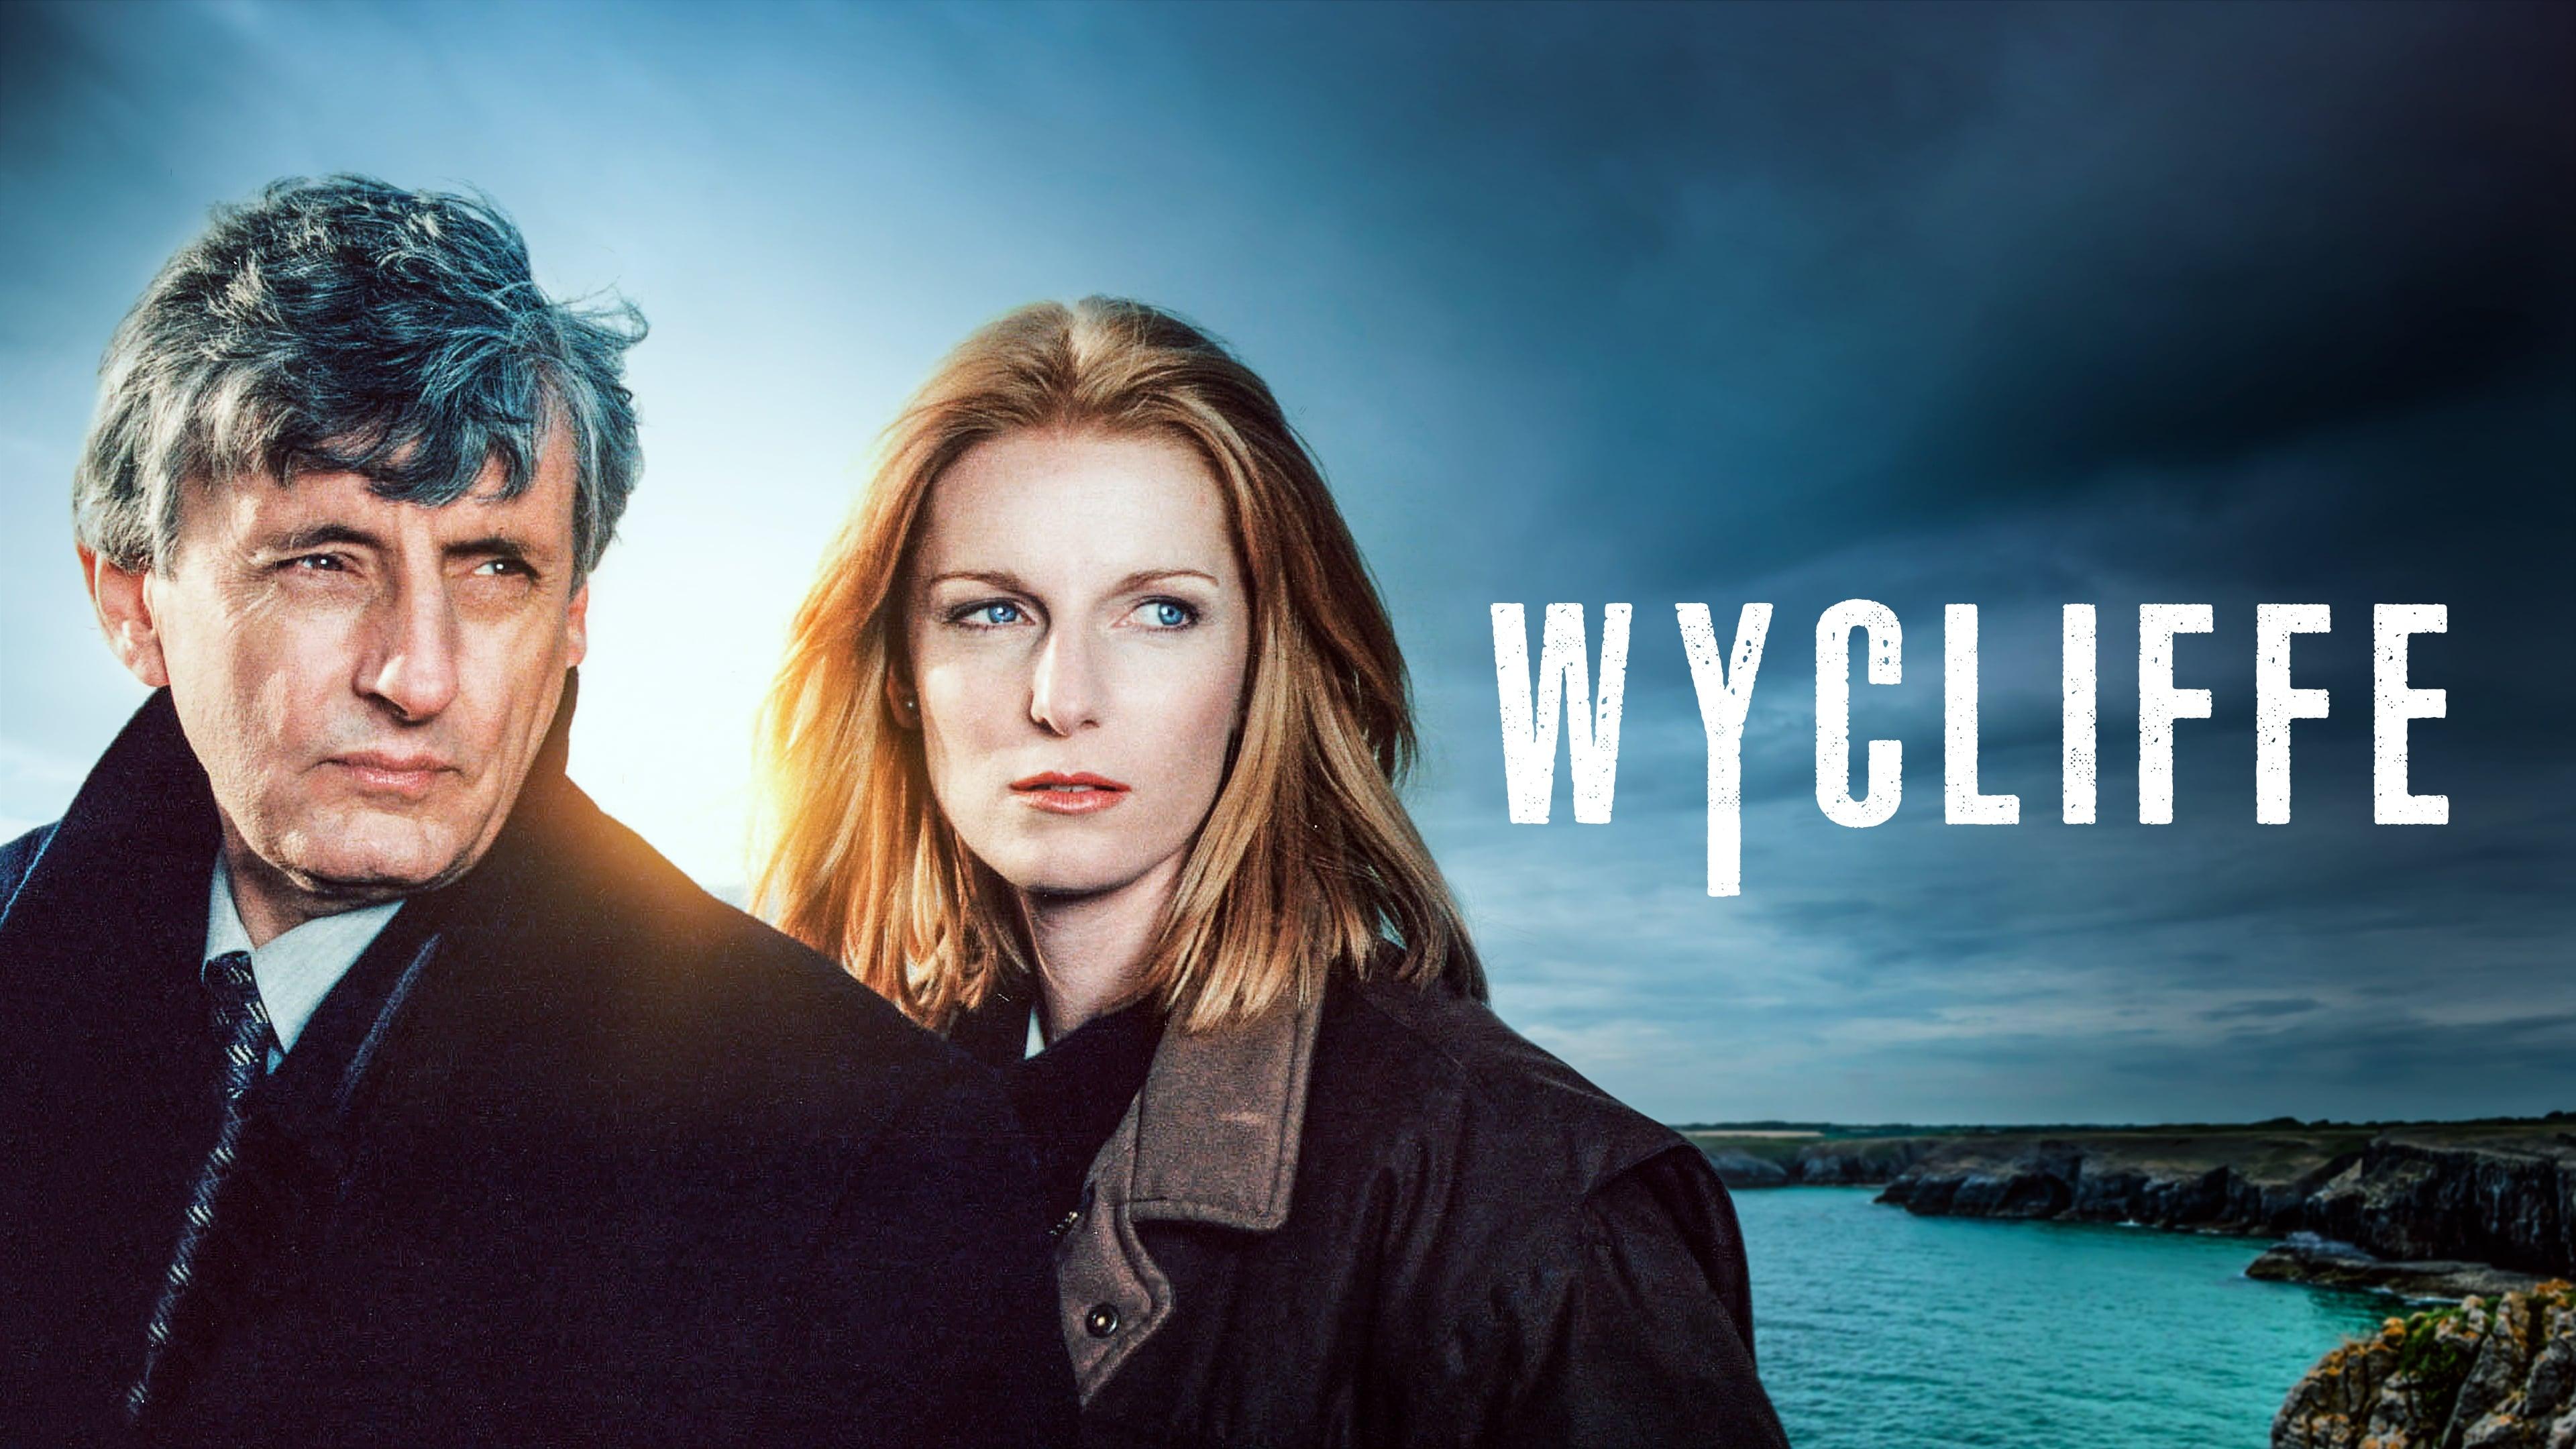 Wycliffe